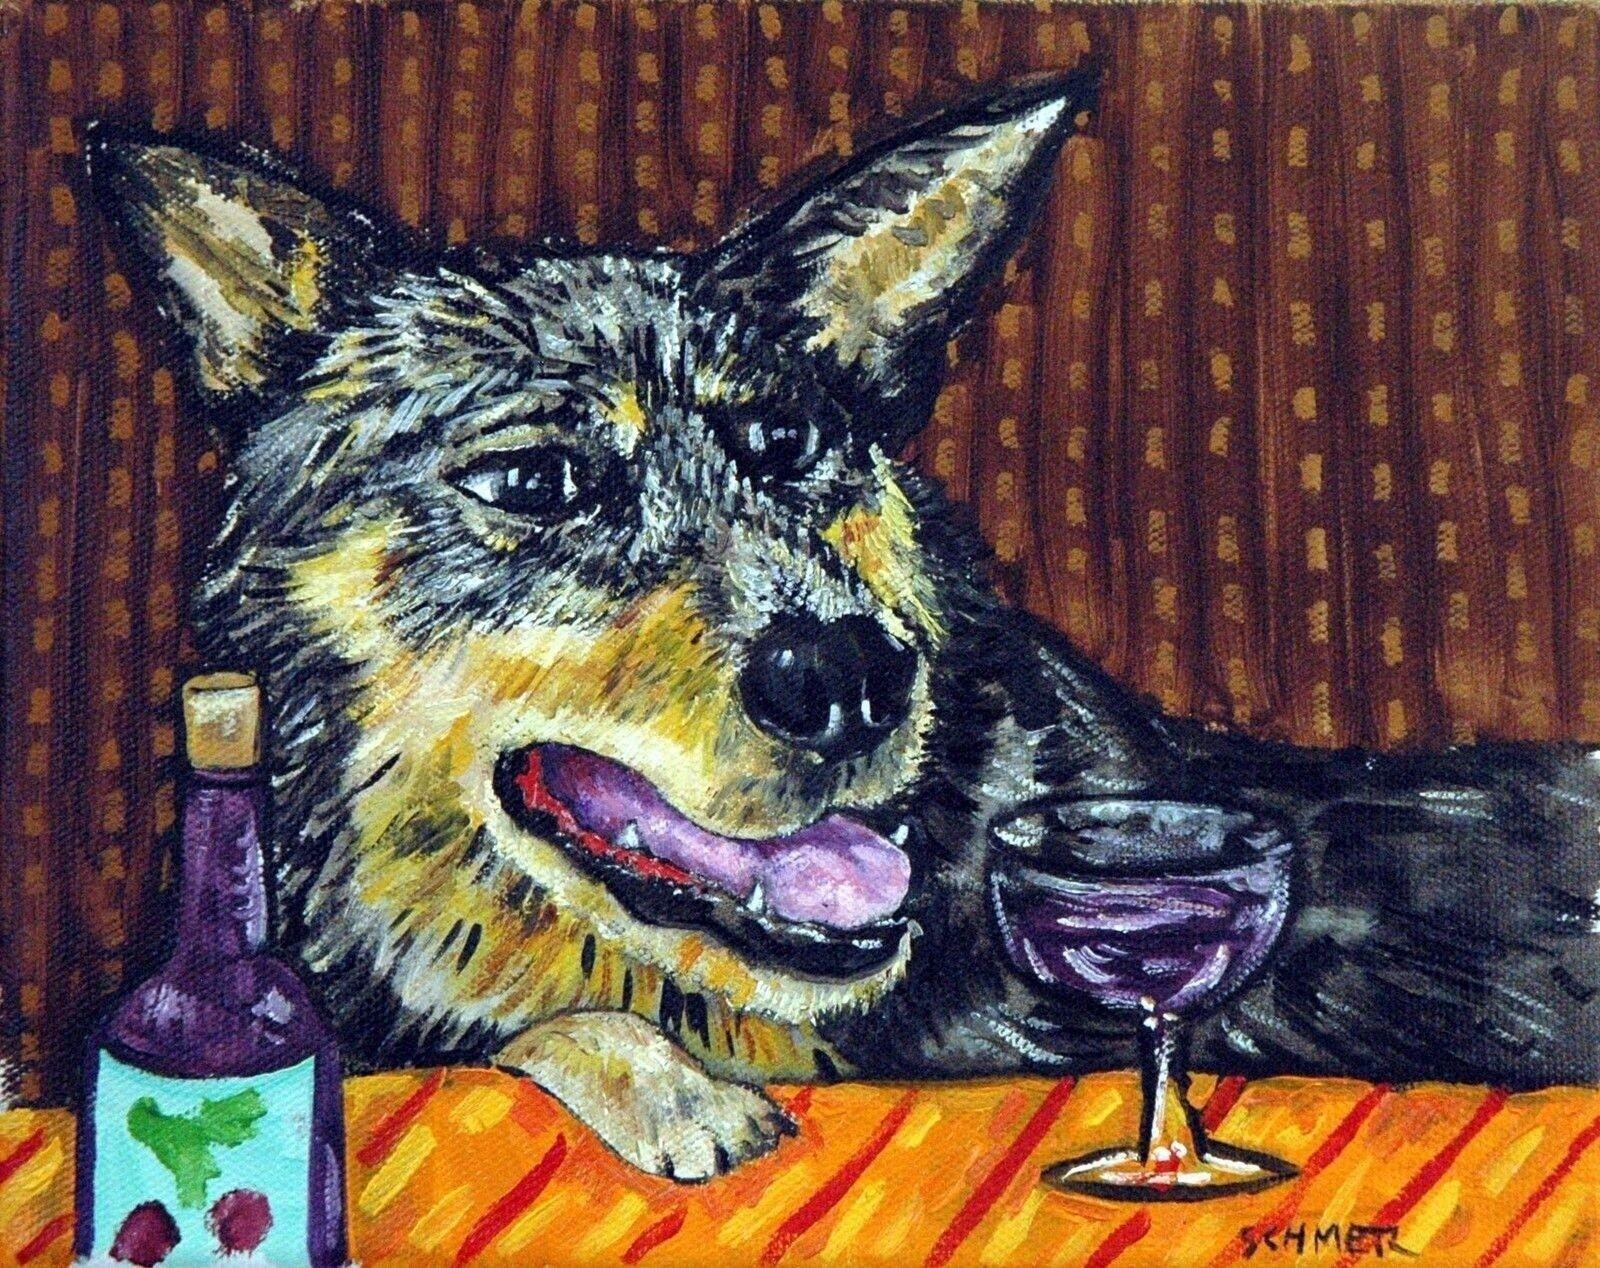 clumber spaniel wine dog prints 11x14  by artist animals impressionism new